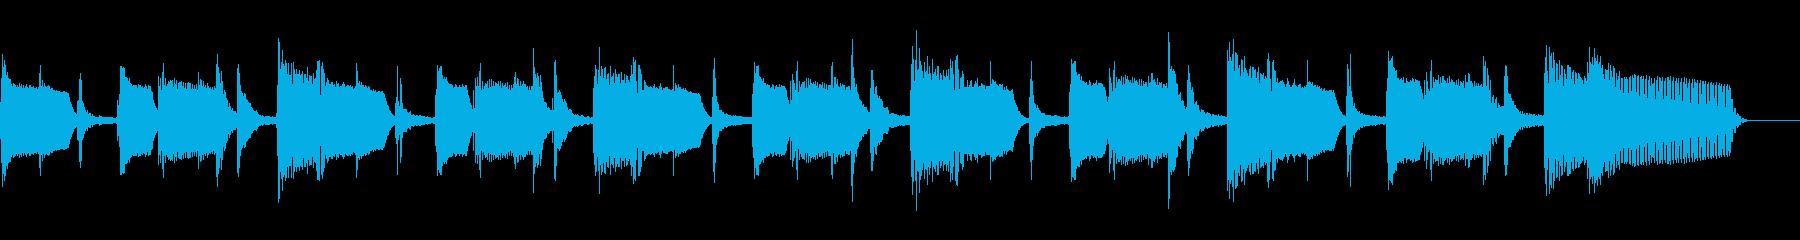 マルガリータ、ミディアムテンポ、ベ...の再生済みの波形